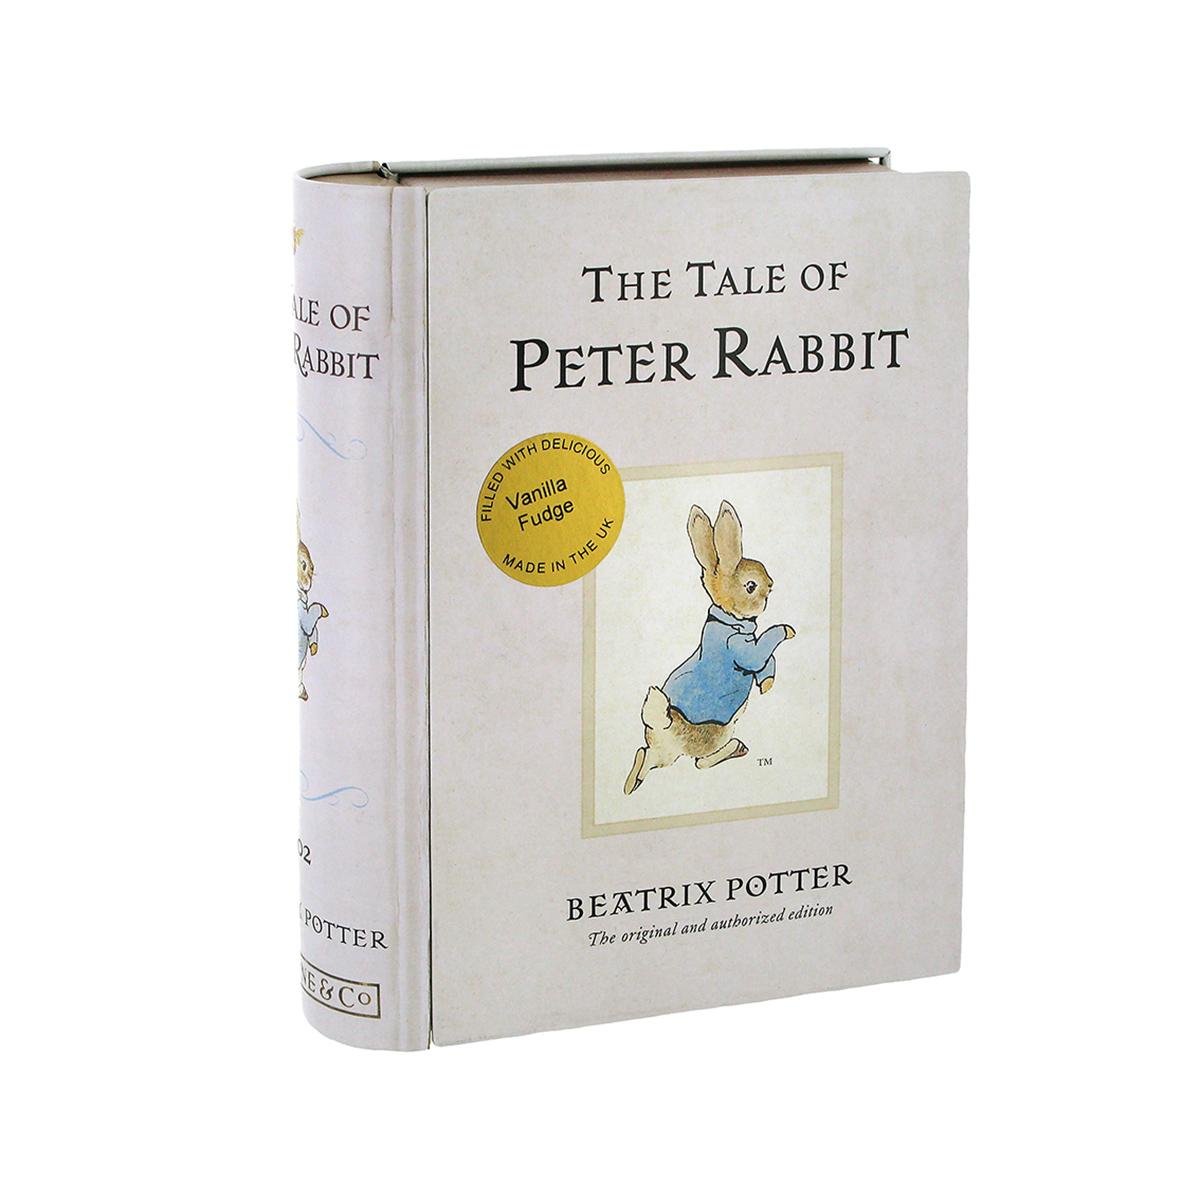 Peter Rabbit fudge tin